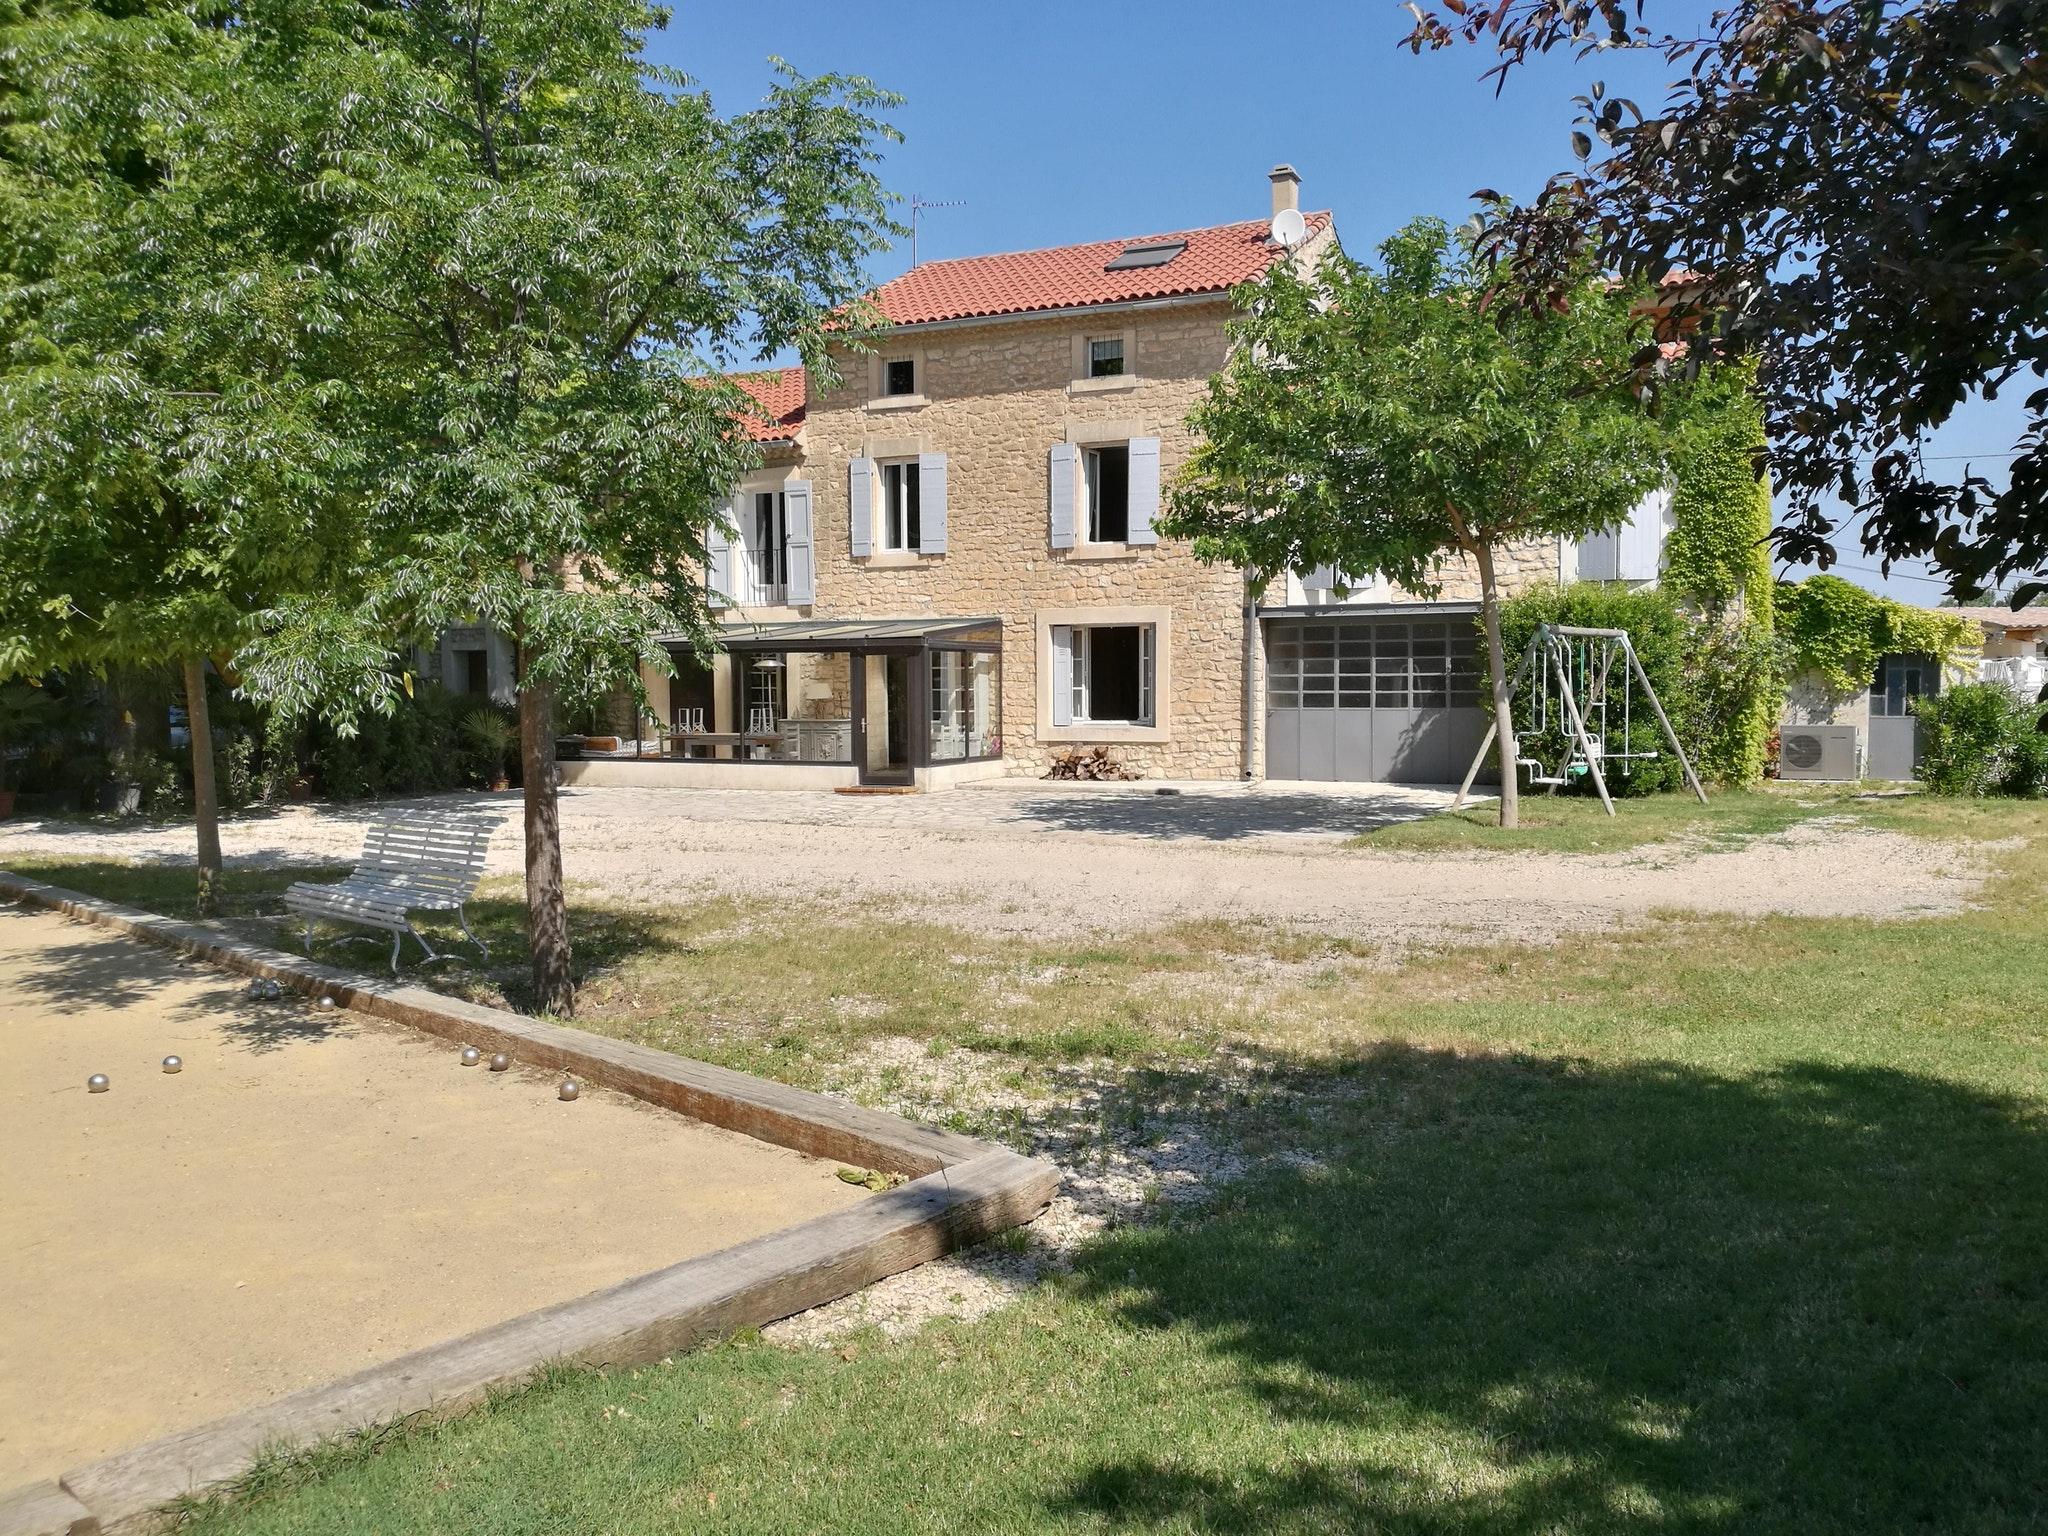 Ferienhaus Haus mit 6 Schlafzimmern in Pernes-les-Fontaines mit privatem Pool, möbliertem Garten und  (2377414), Pernes les Fontaines, Saône-et-Loire, Burgund, Frankreich, Bild 38